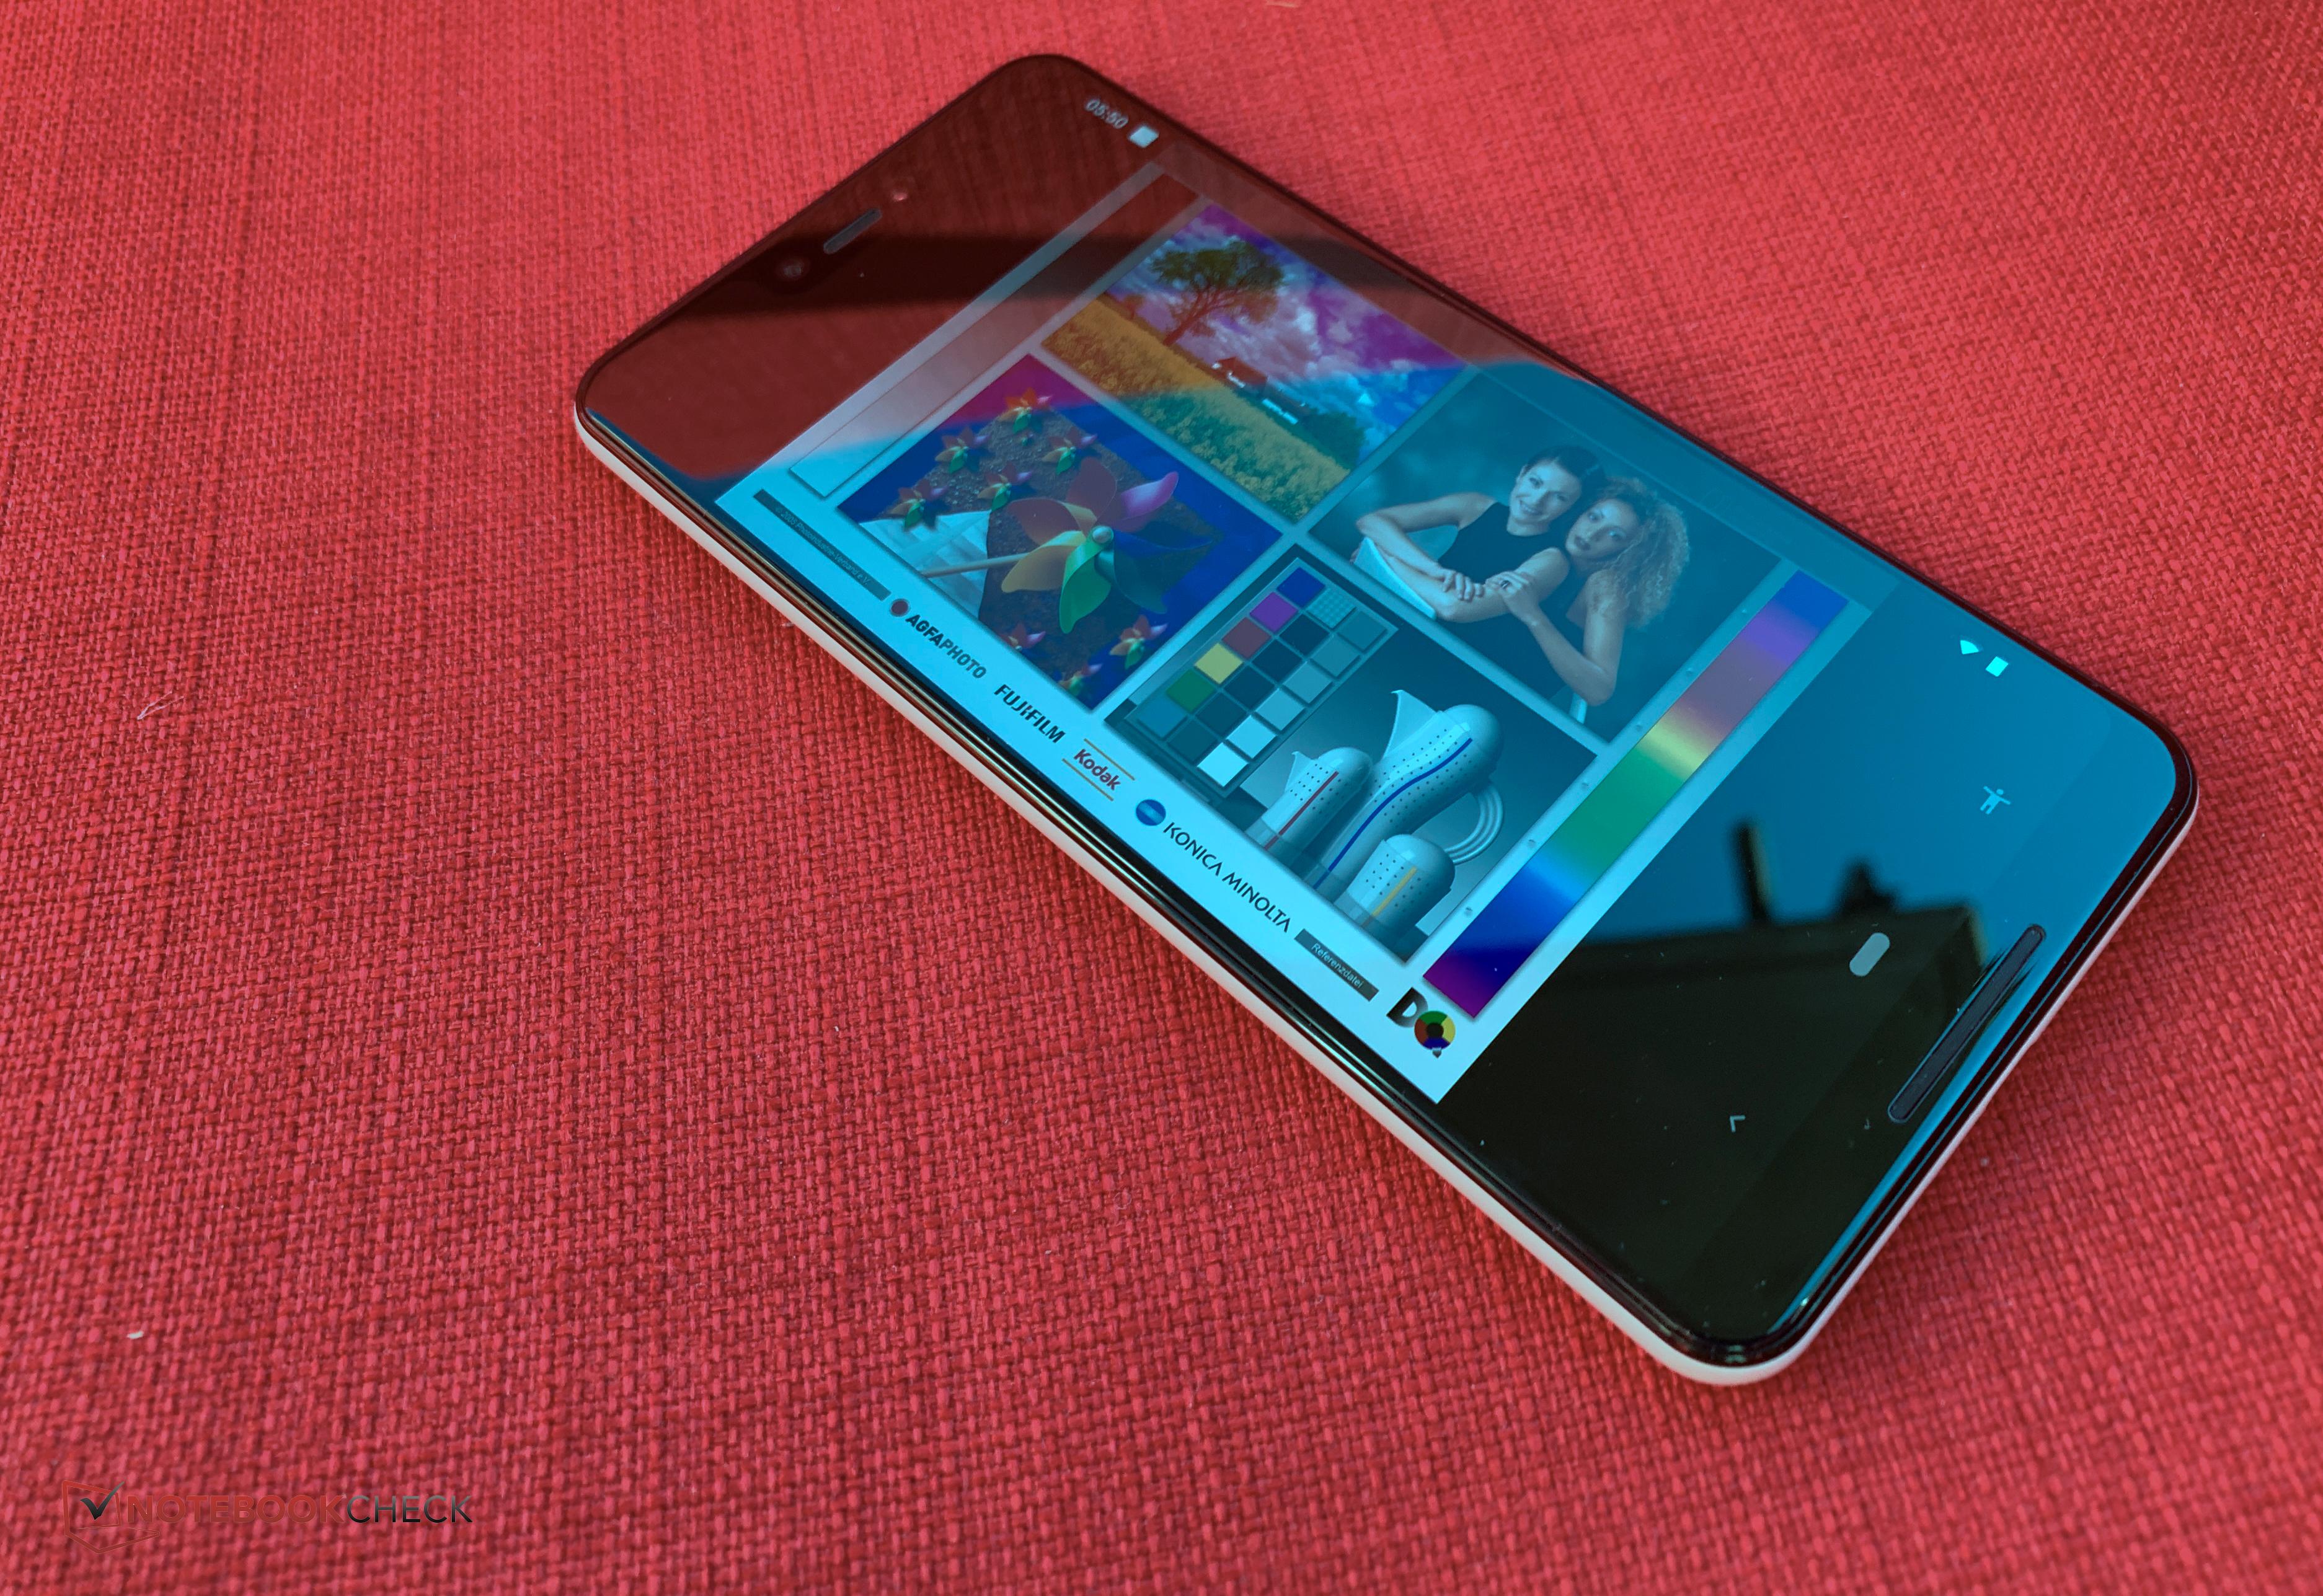 Google Pixel 3 XL Smartphone Review - NotebookCheck net Reviews